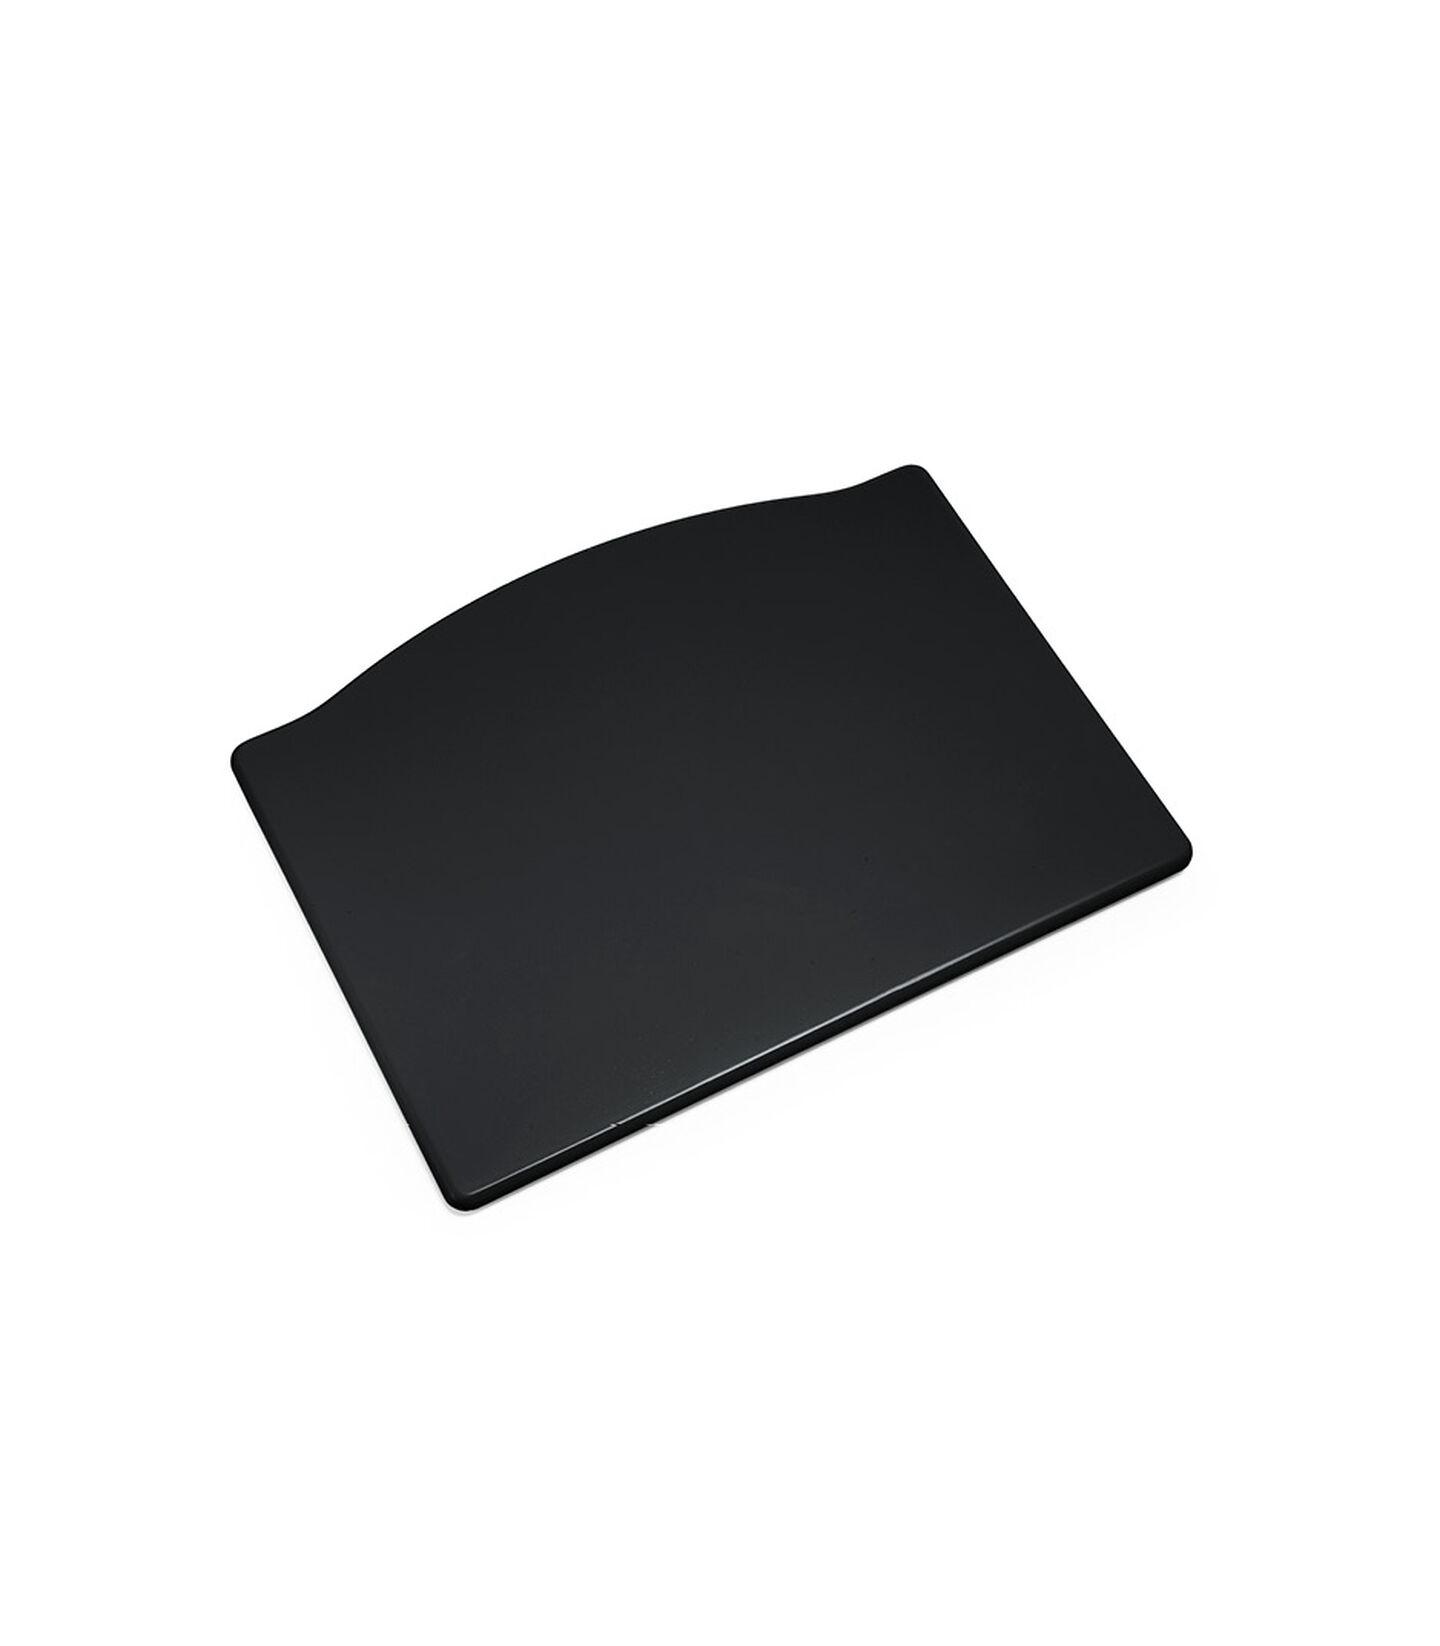 Tripp Trapp® Planche de pieds Noir, Noir, mainview view 2